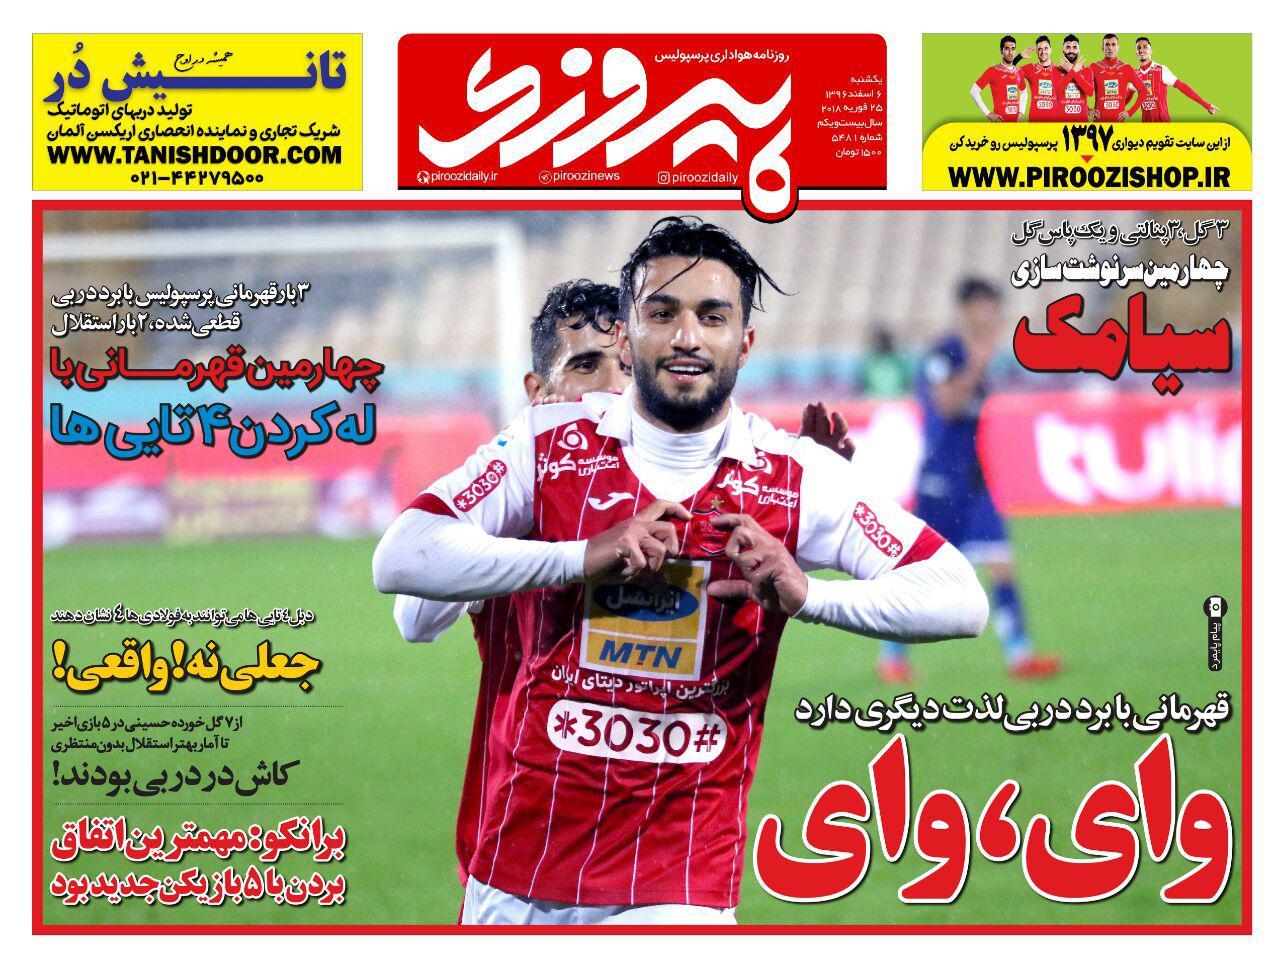 روزنامه پیروزی - ۶ اسفند